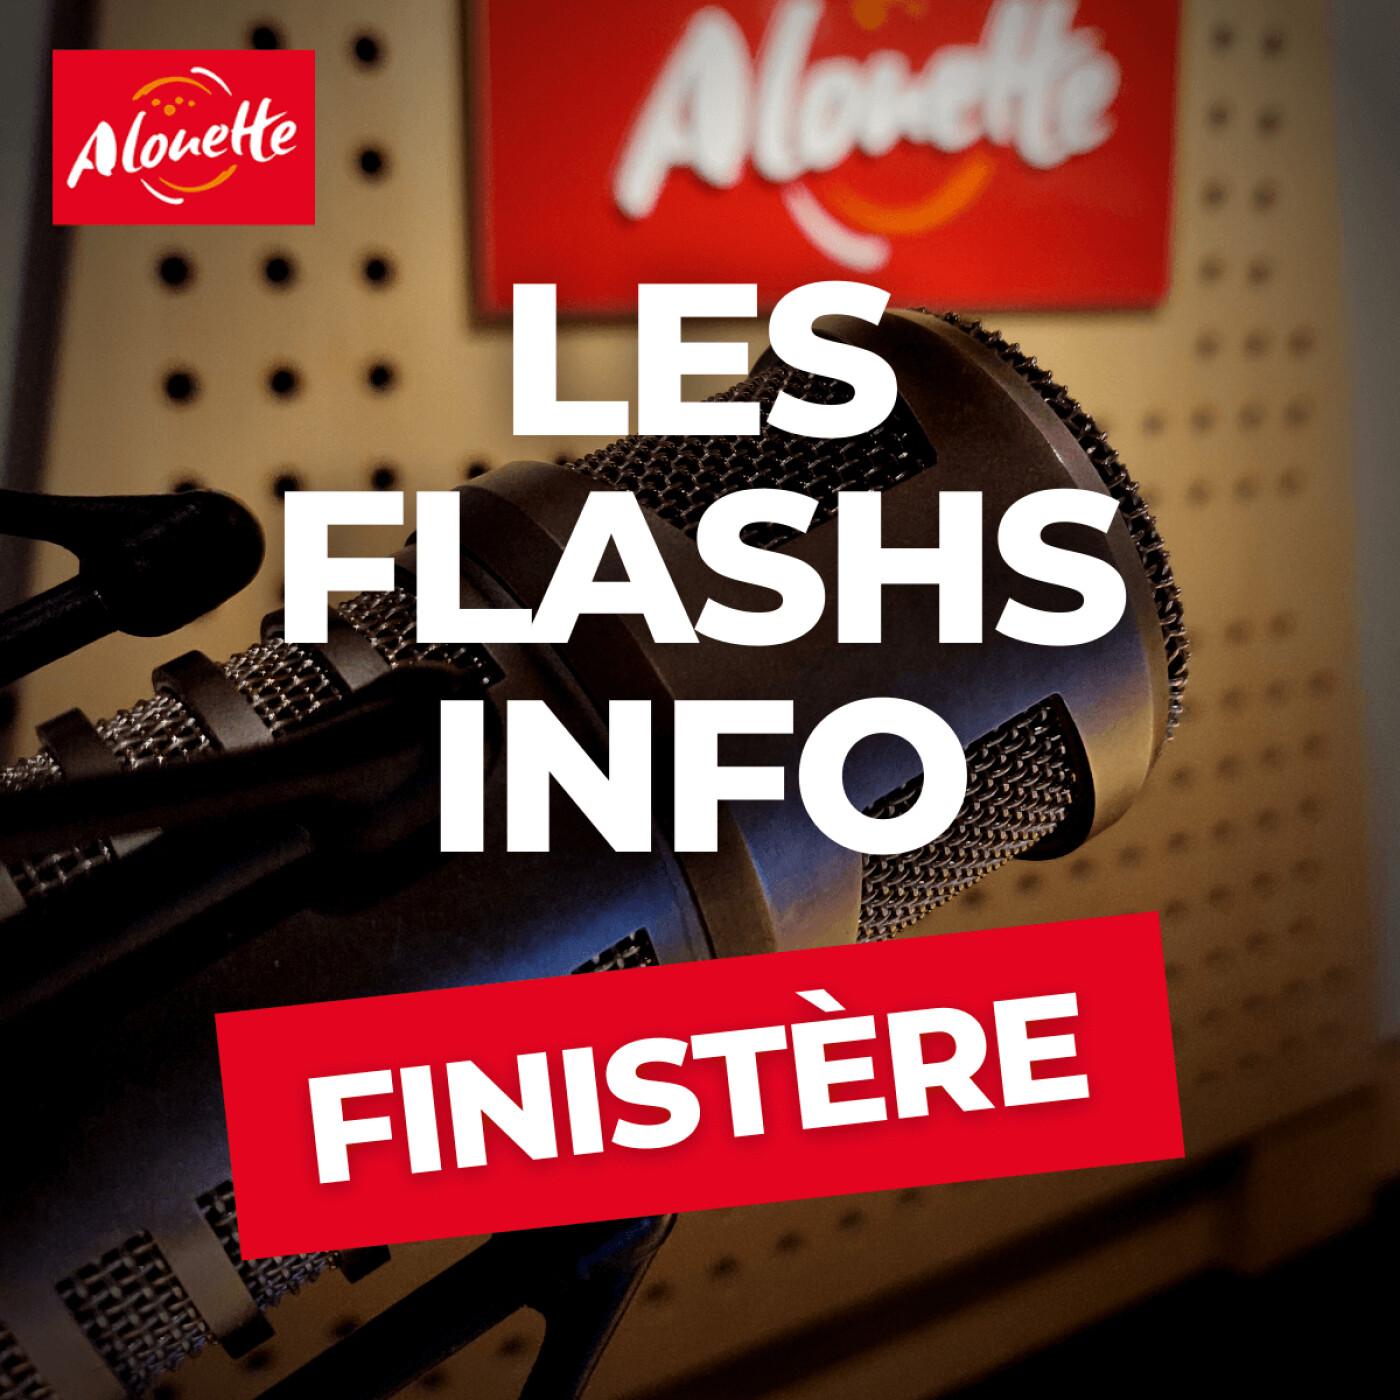 Alouette - Les Infos du 13 Octobre 12h30 dans le Finistère.